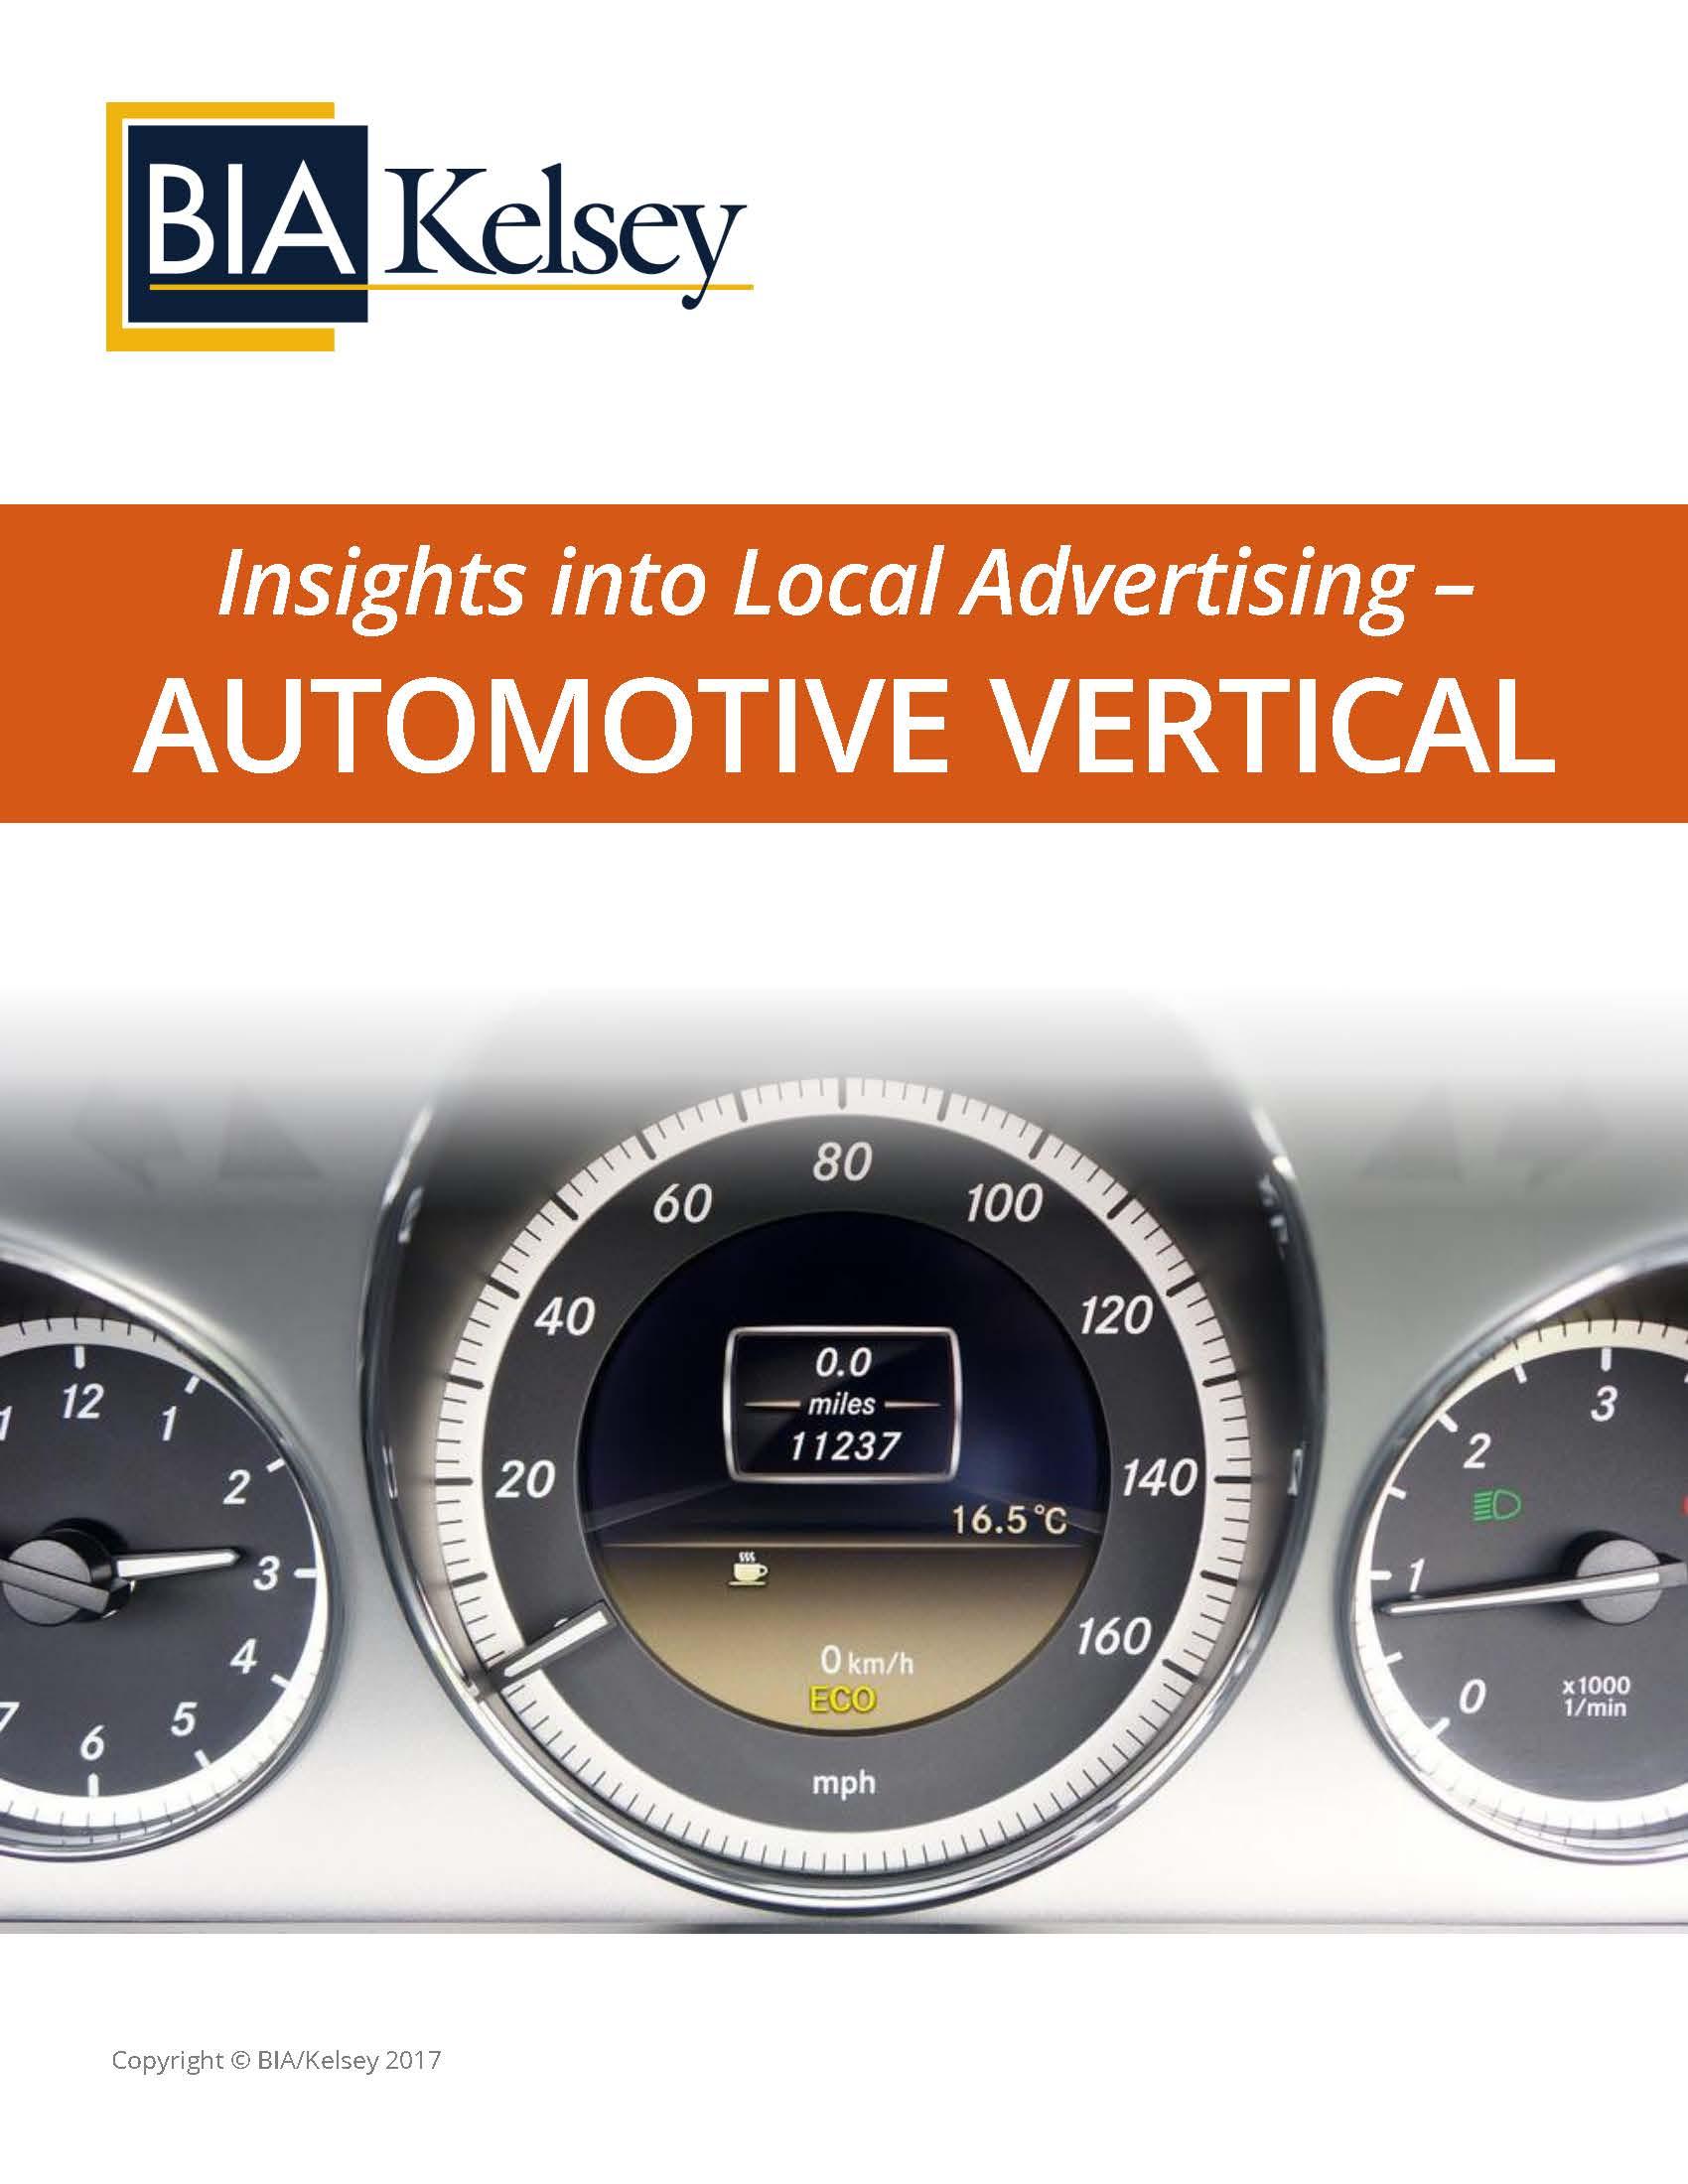 BIAKelsey-VerticalAdReport_Automotive